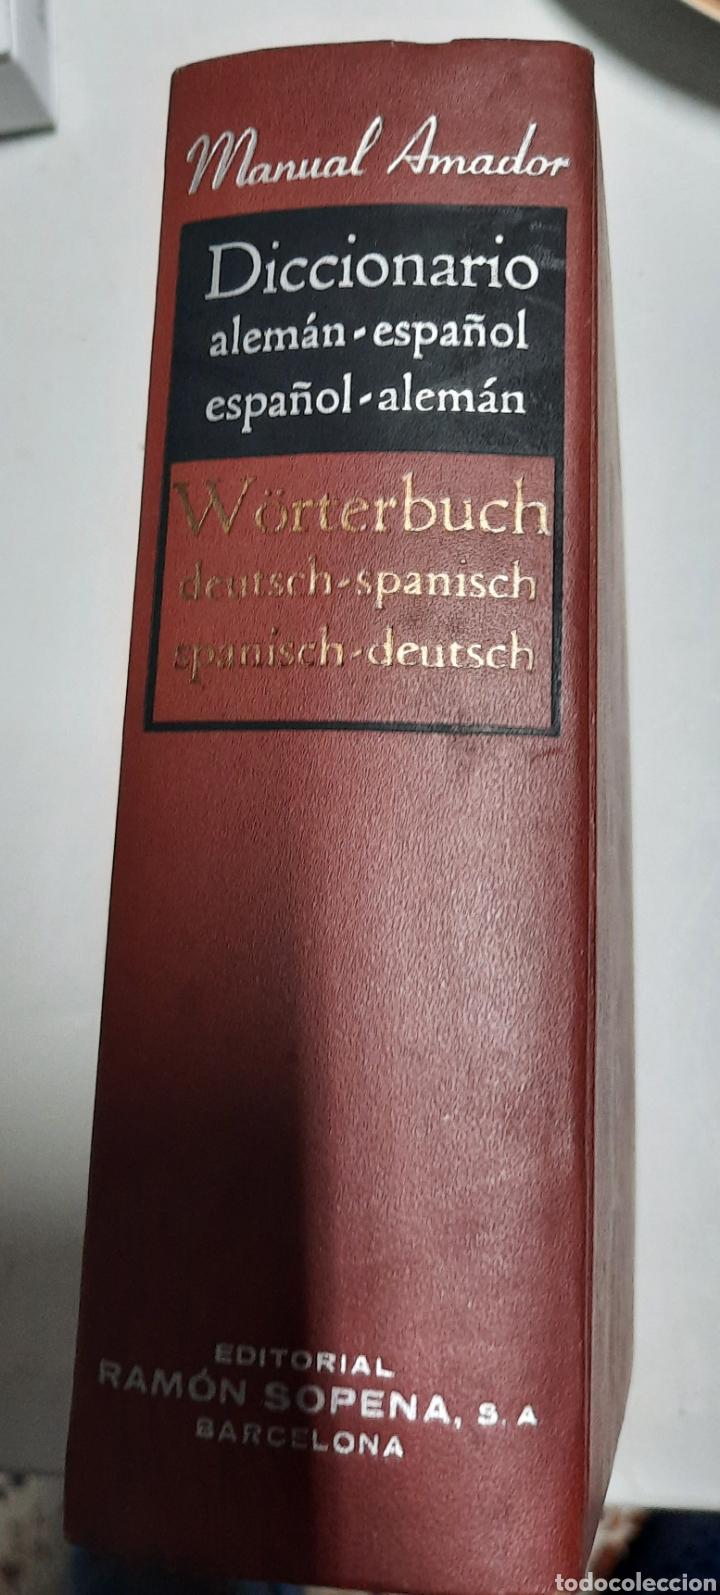 DICCIONARIO ALEMÁN- ESPAÑOL. MANUAL AMADOR (Libros de Segunda Mano - Diccionarios)